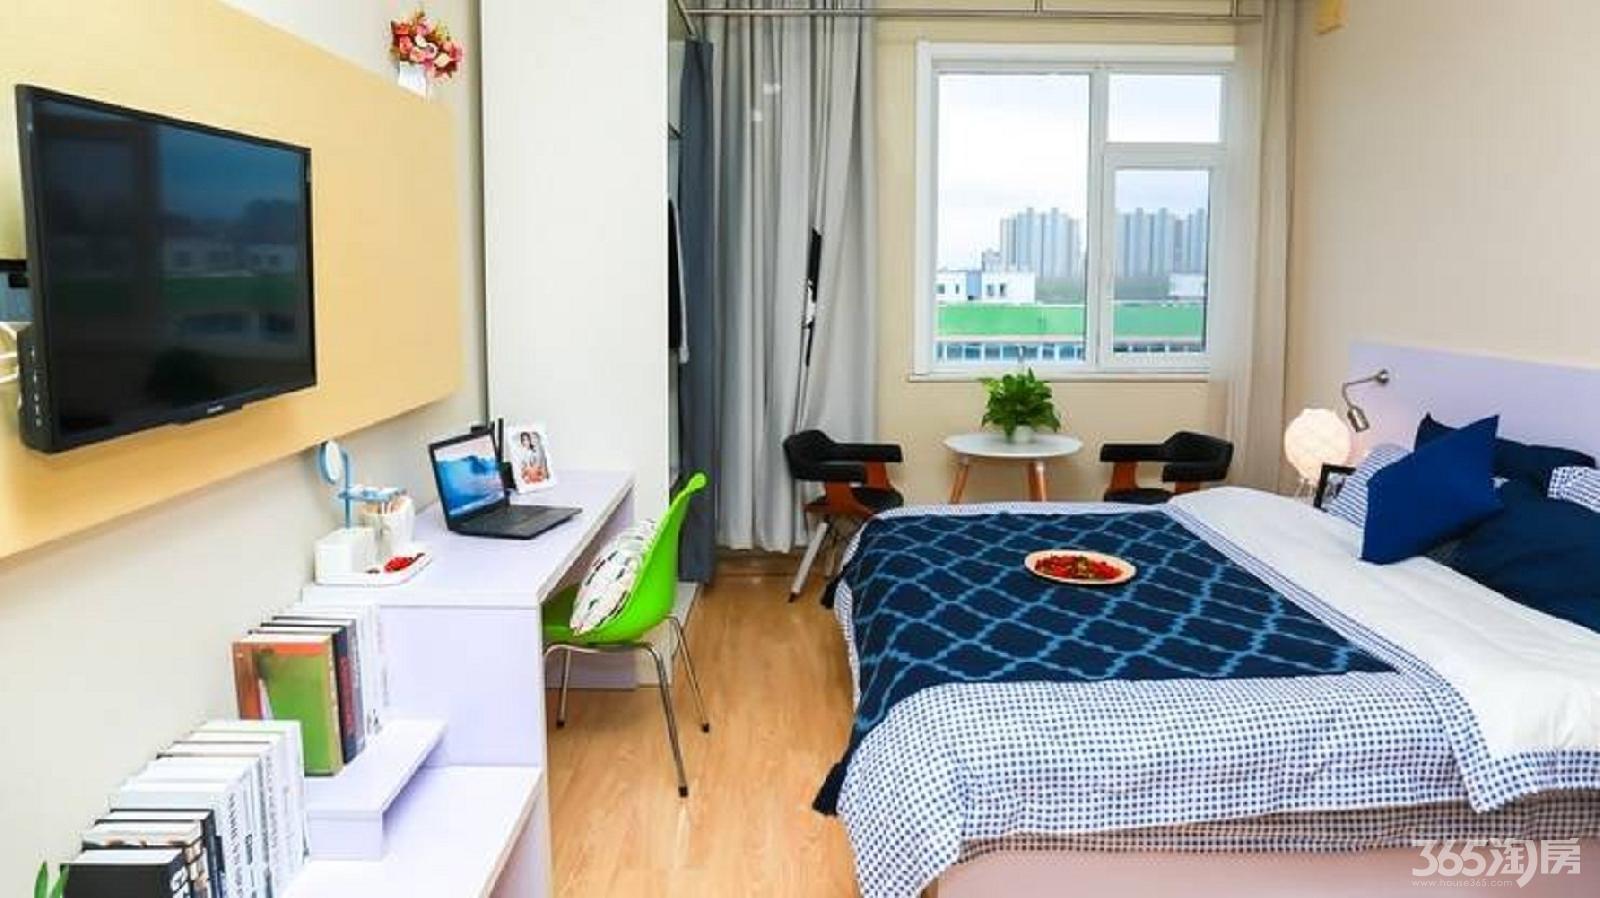 江宁区上坊南方时代广场1室1厅户型图